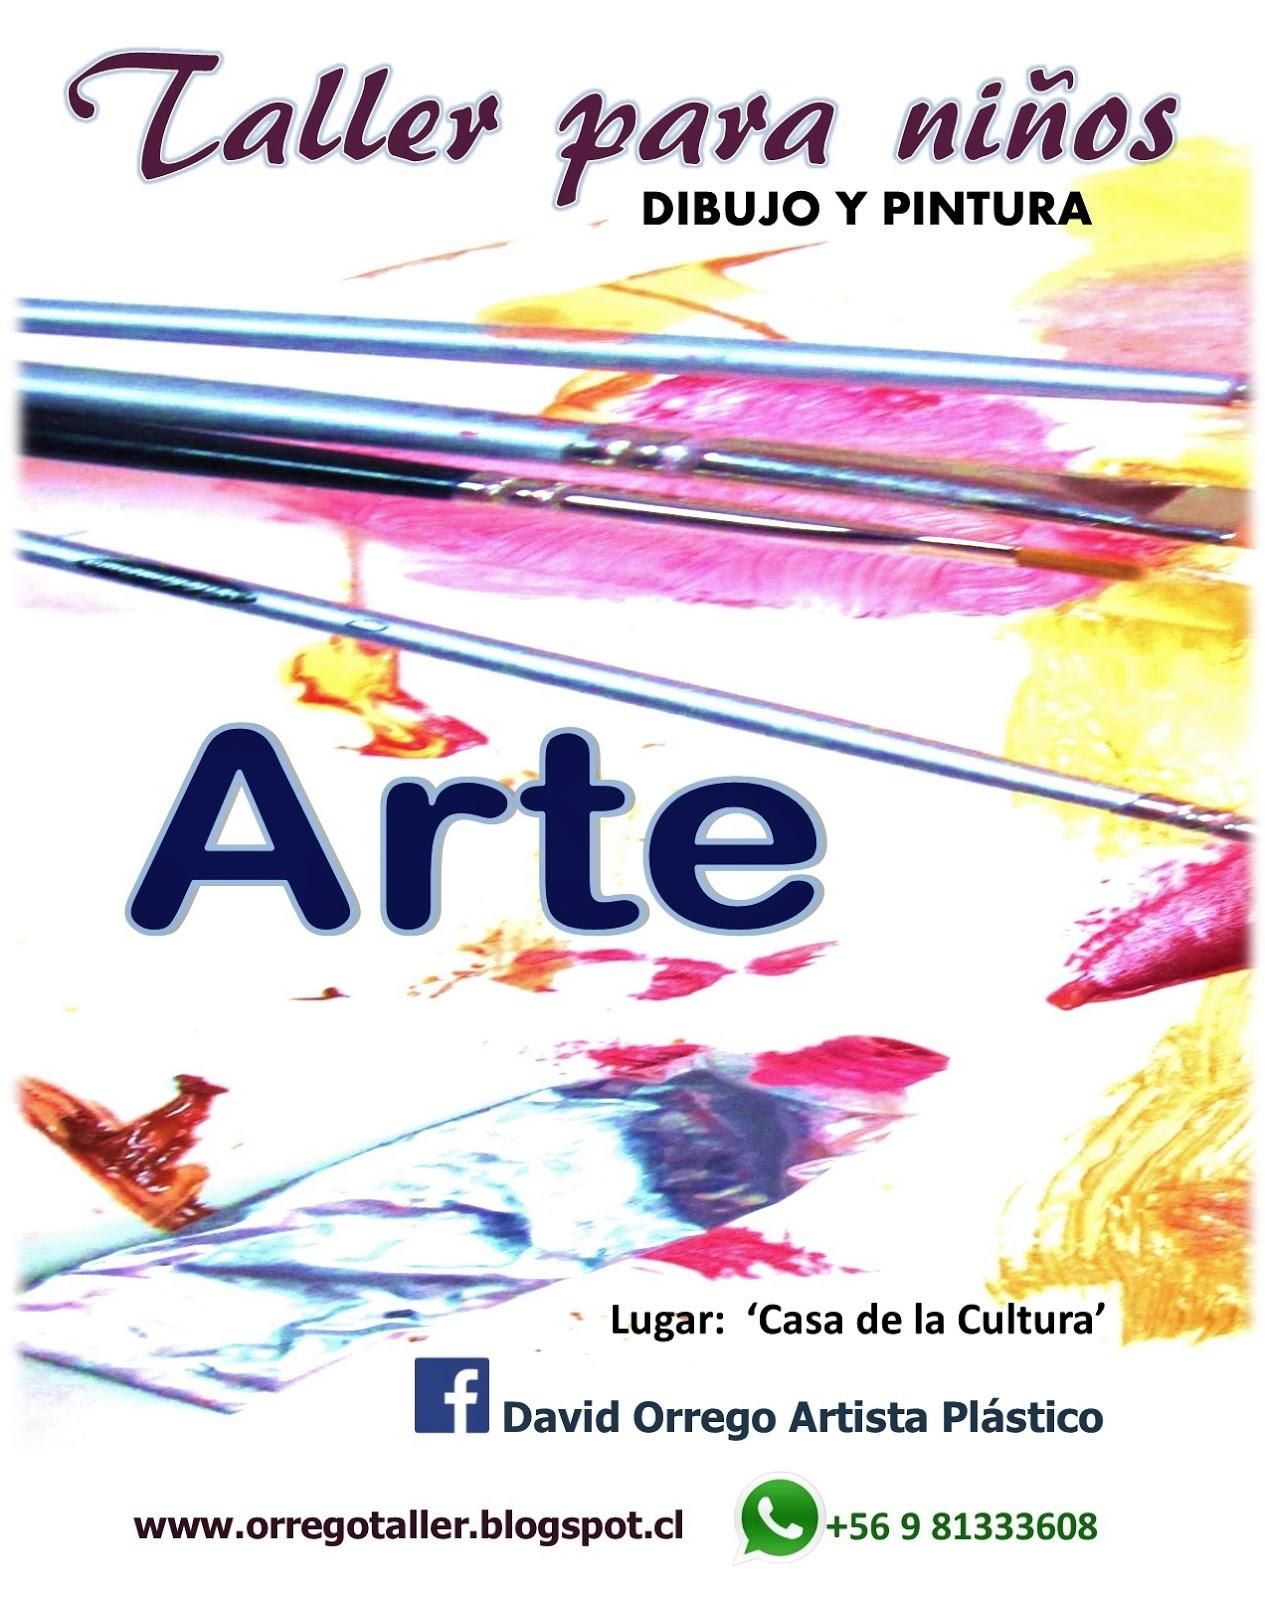 Taller-clases de dibujo y pintura para niños en Antofagasta